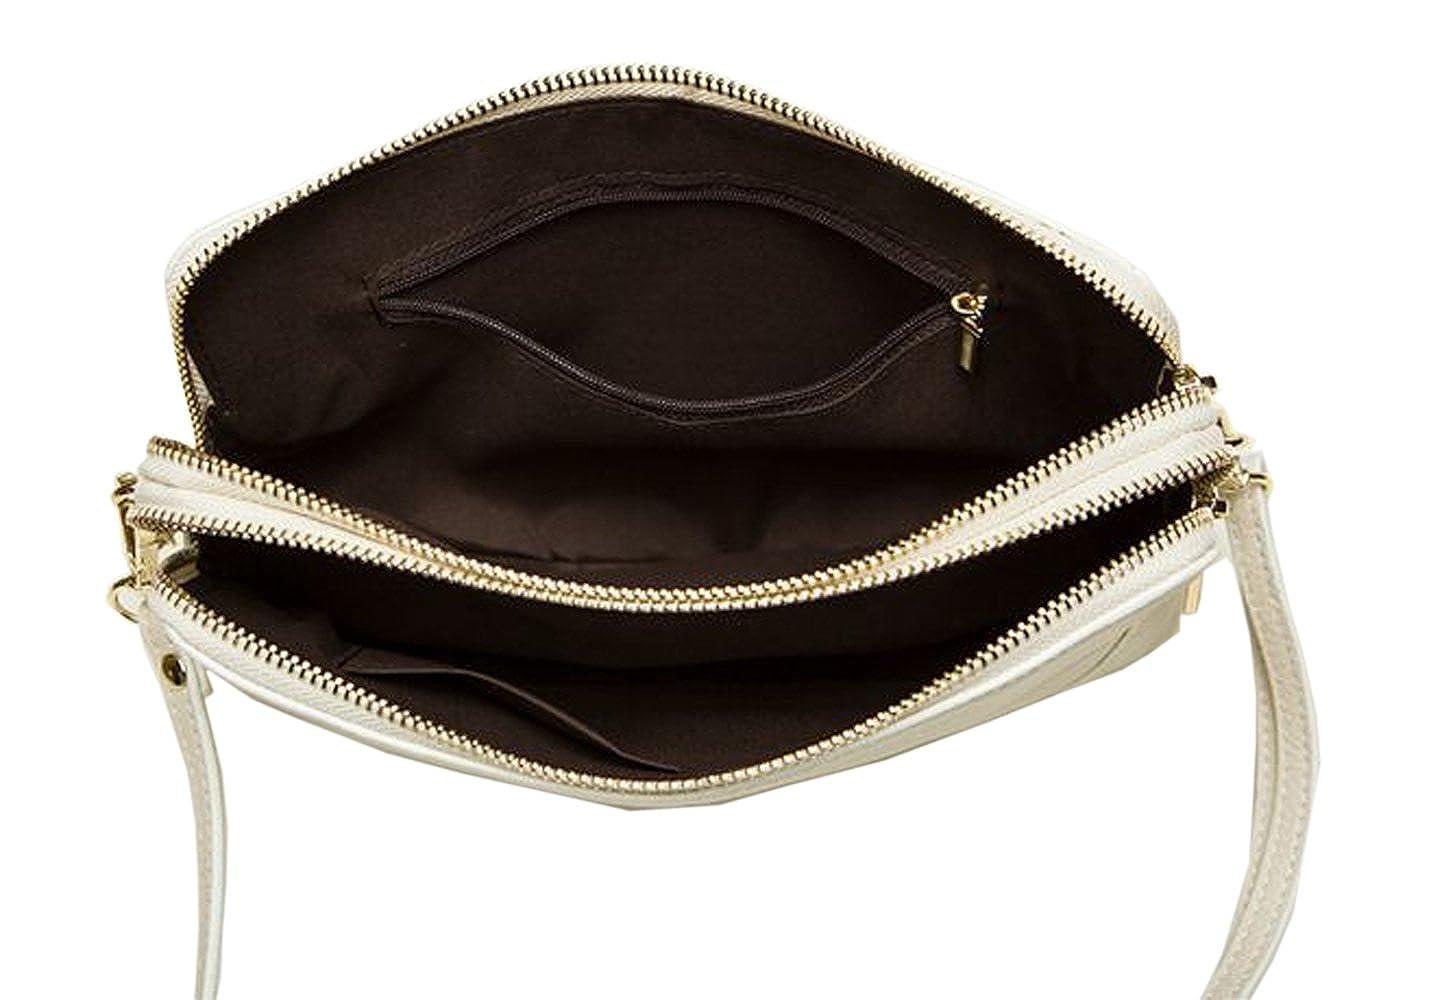 3ac031b4ce SAIERLONG Ladies Designer Womens Black Genuine Leather Clutches bag Cross  Body Bags Shoulder Bags Wristlets Cui01